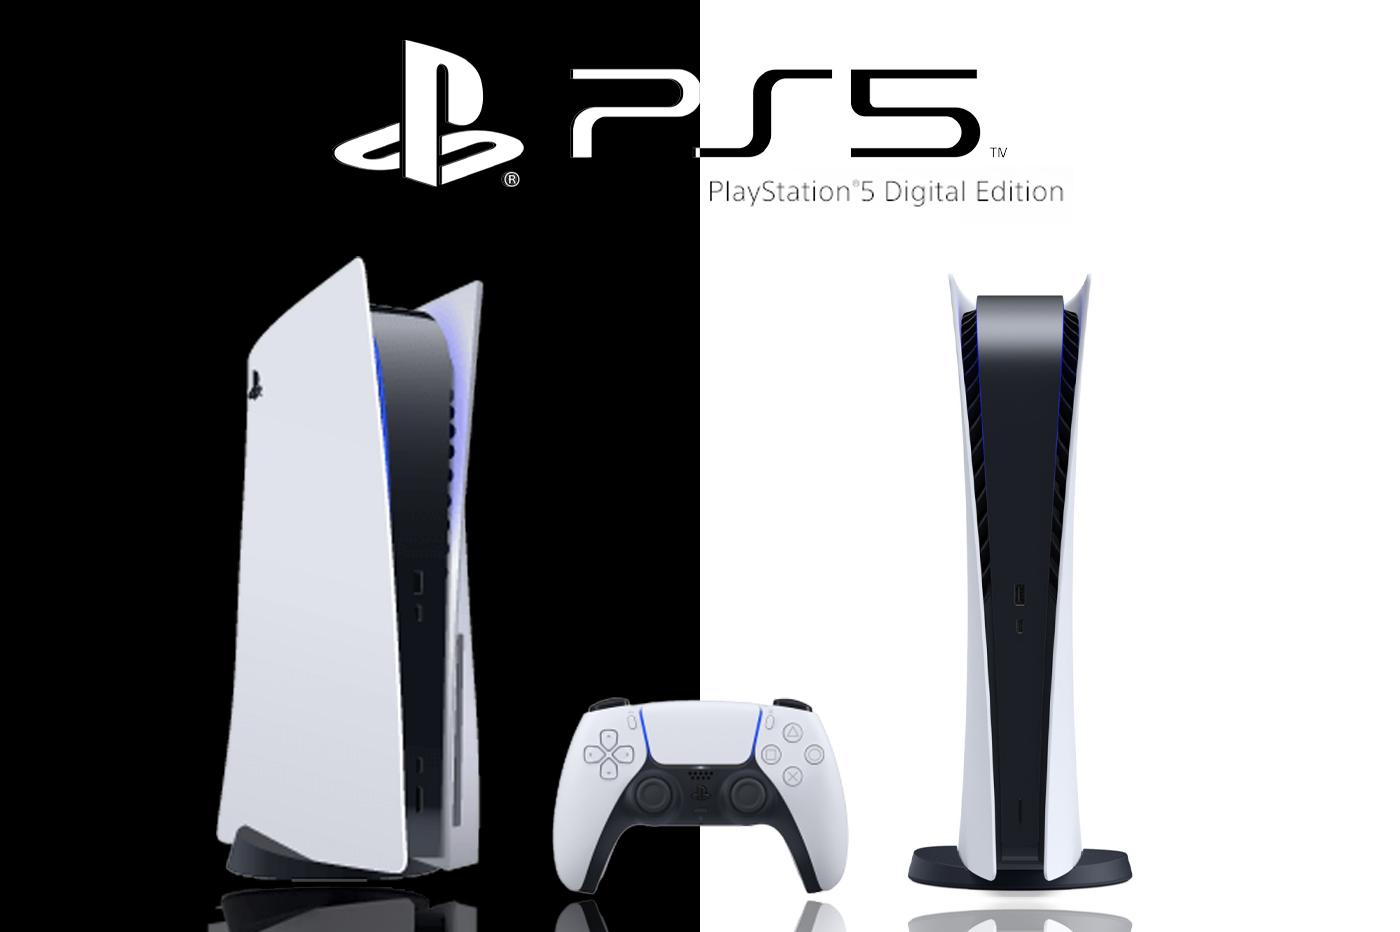 PS5 et PlayStation 5 : Laquelle choisir ?